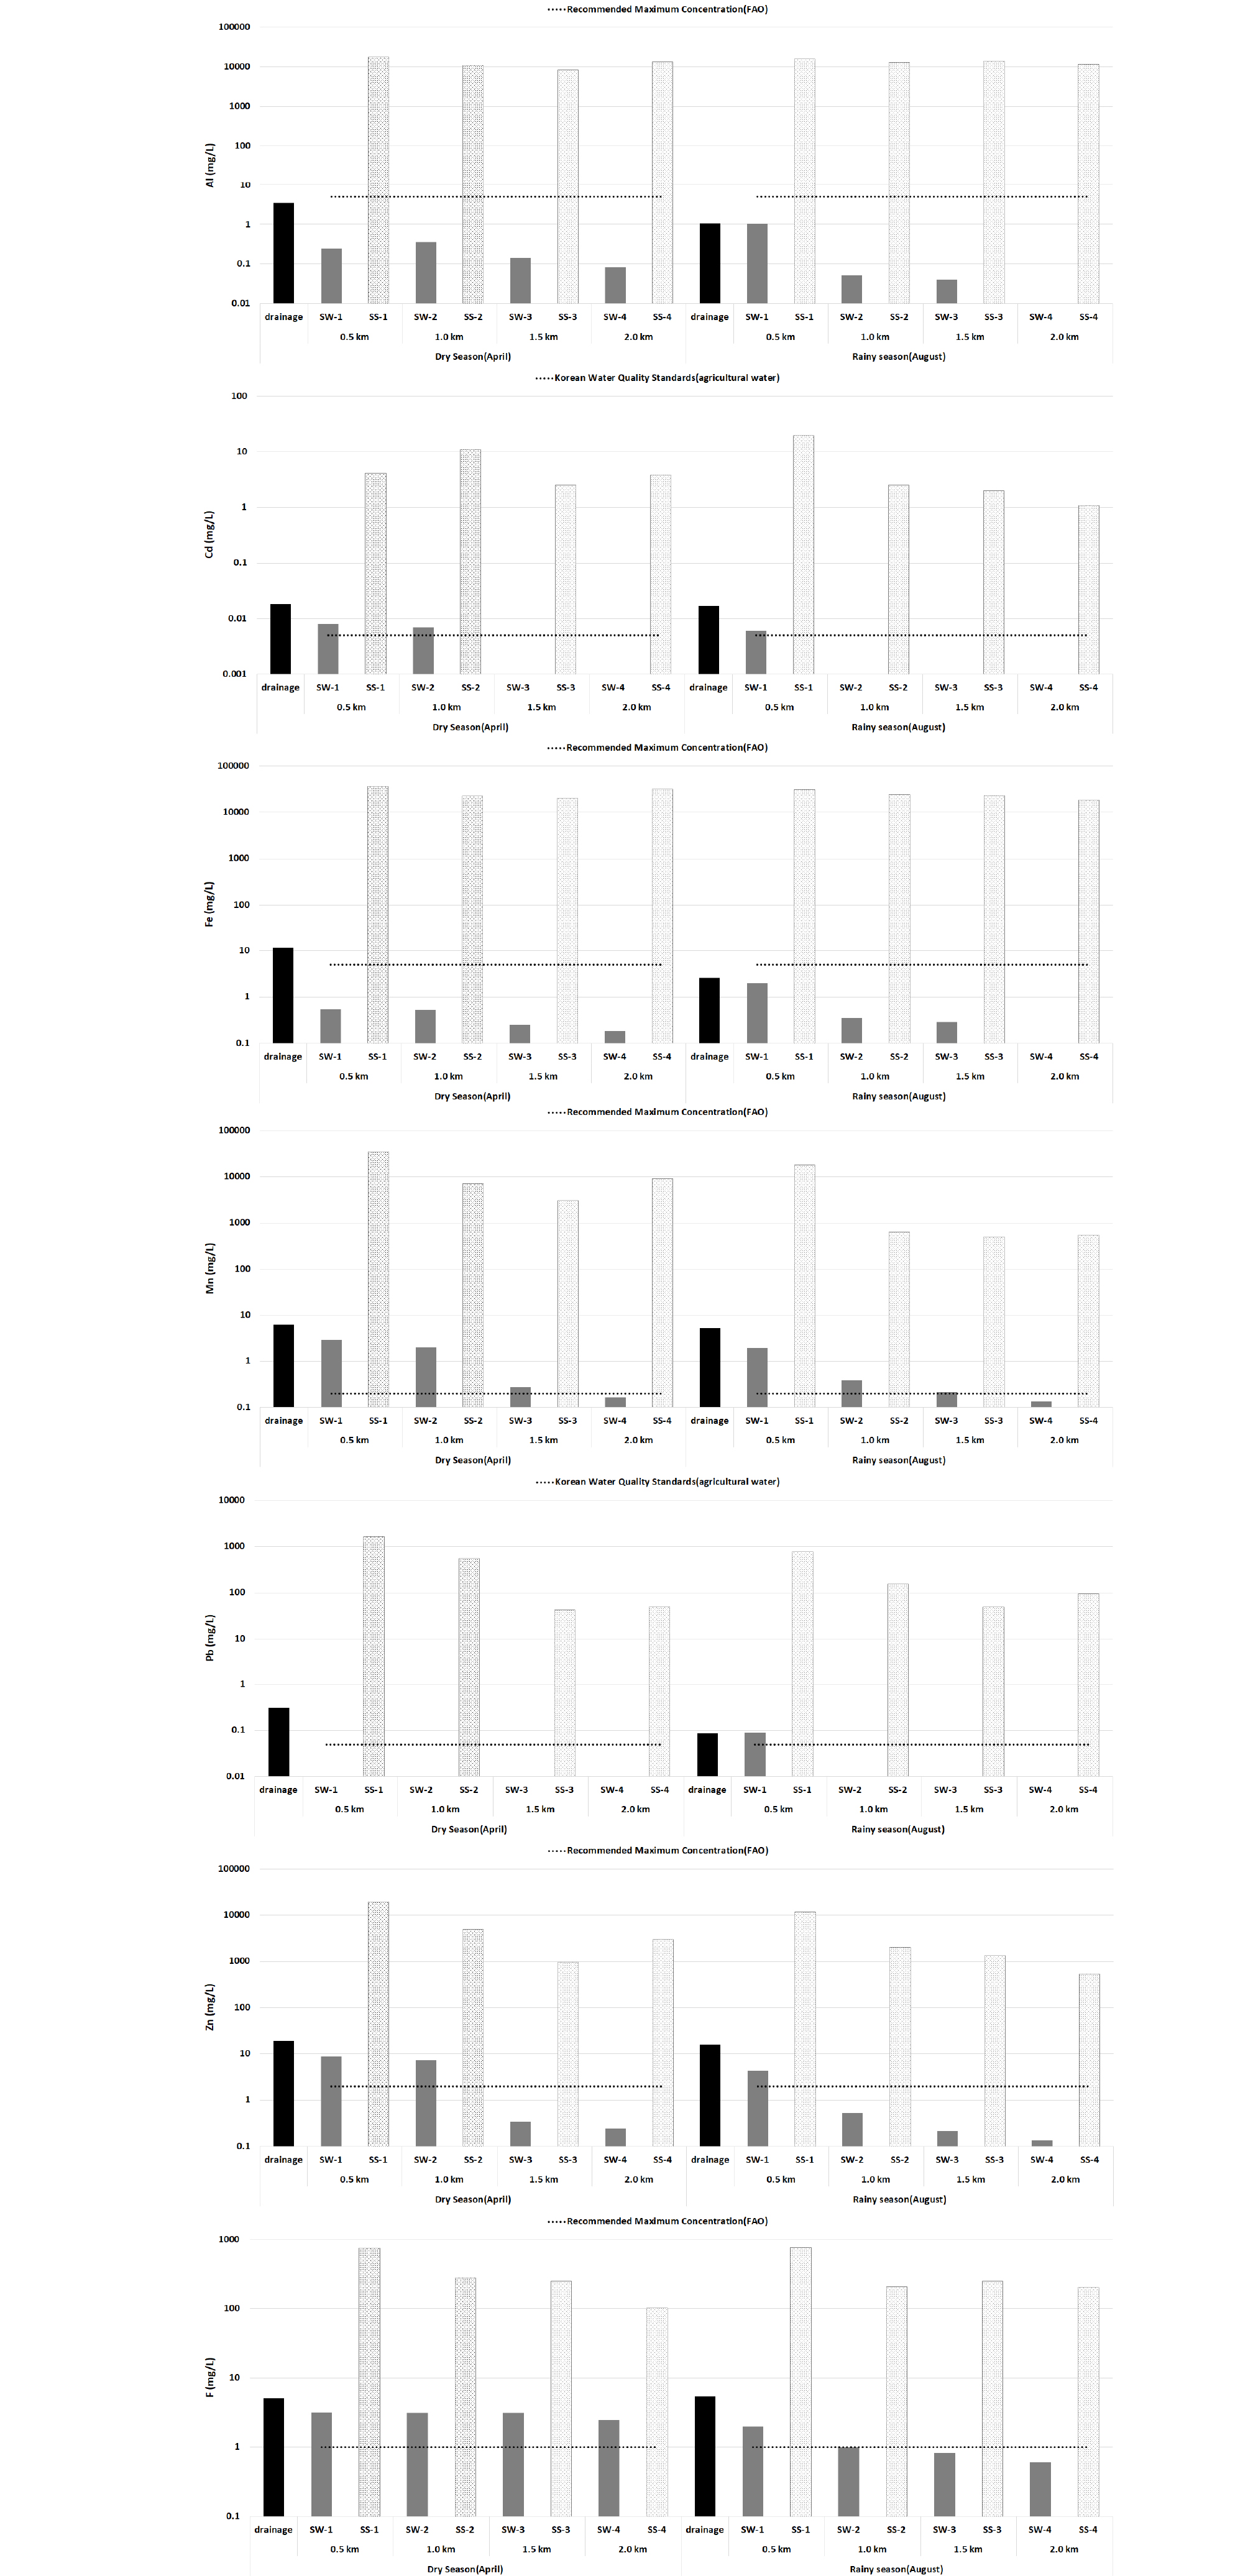 http://static.apub.kr/journalsite/sites/ksmer/2020-057-01/N0330570102/images/ksmer_57_01_02_F4.jpg